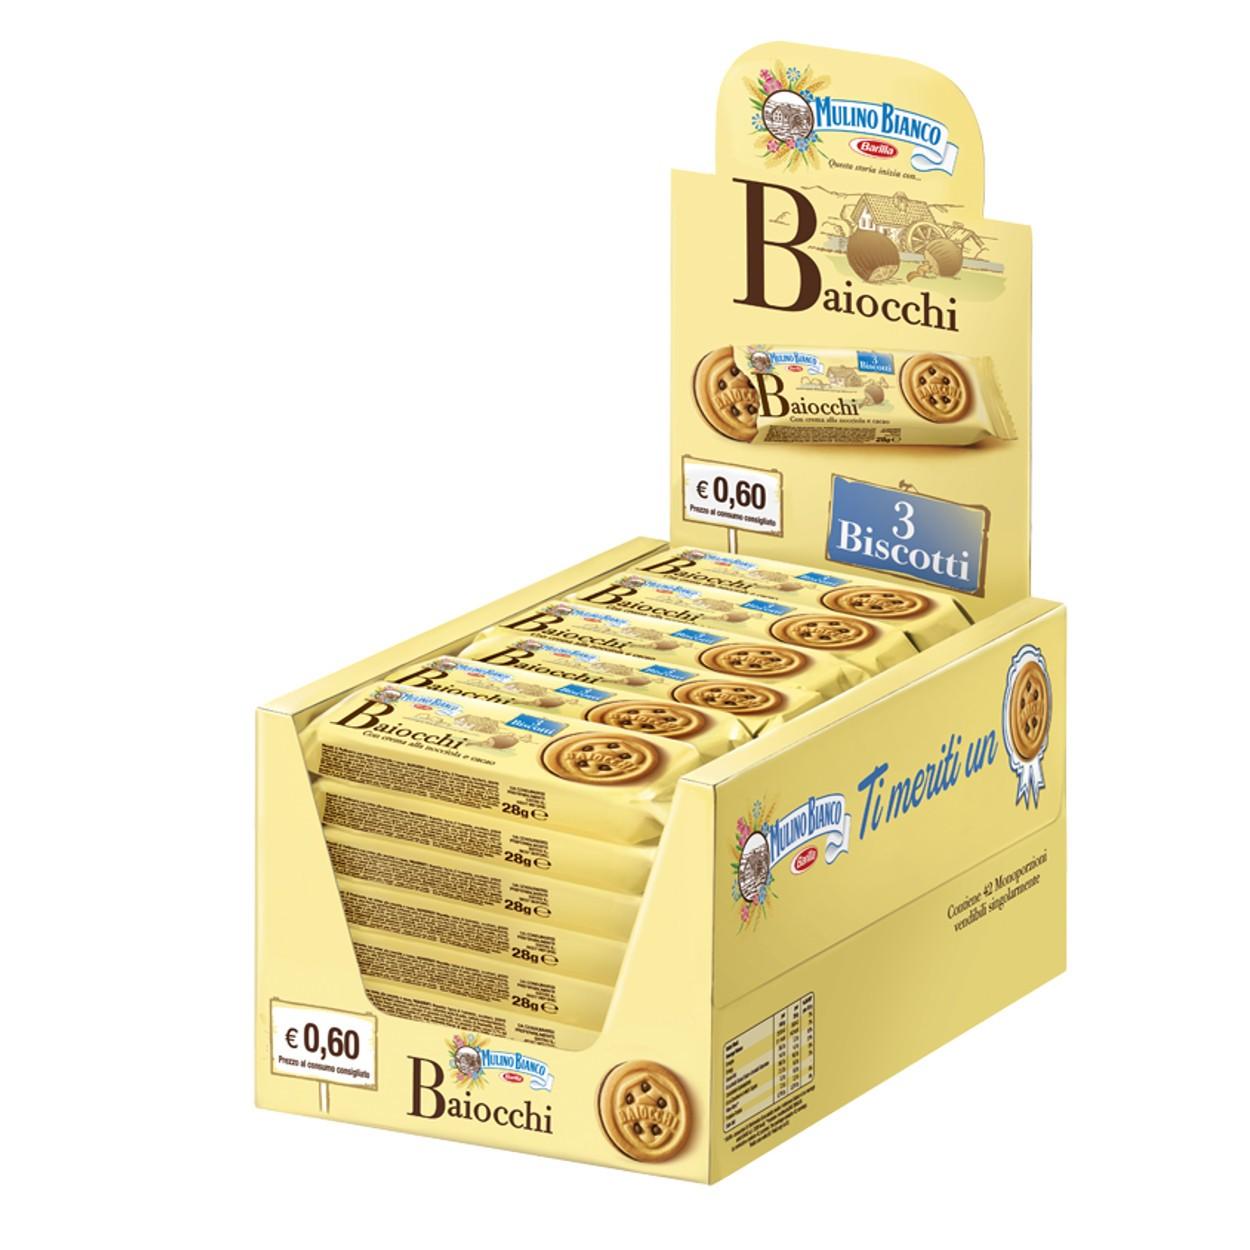 083446-baiocchi-mulino-bianco-confezione-da-42-mono-porzioni-da-28-grammi-ciascuna